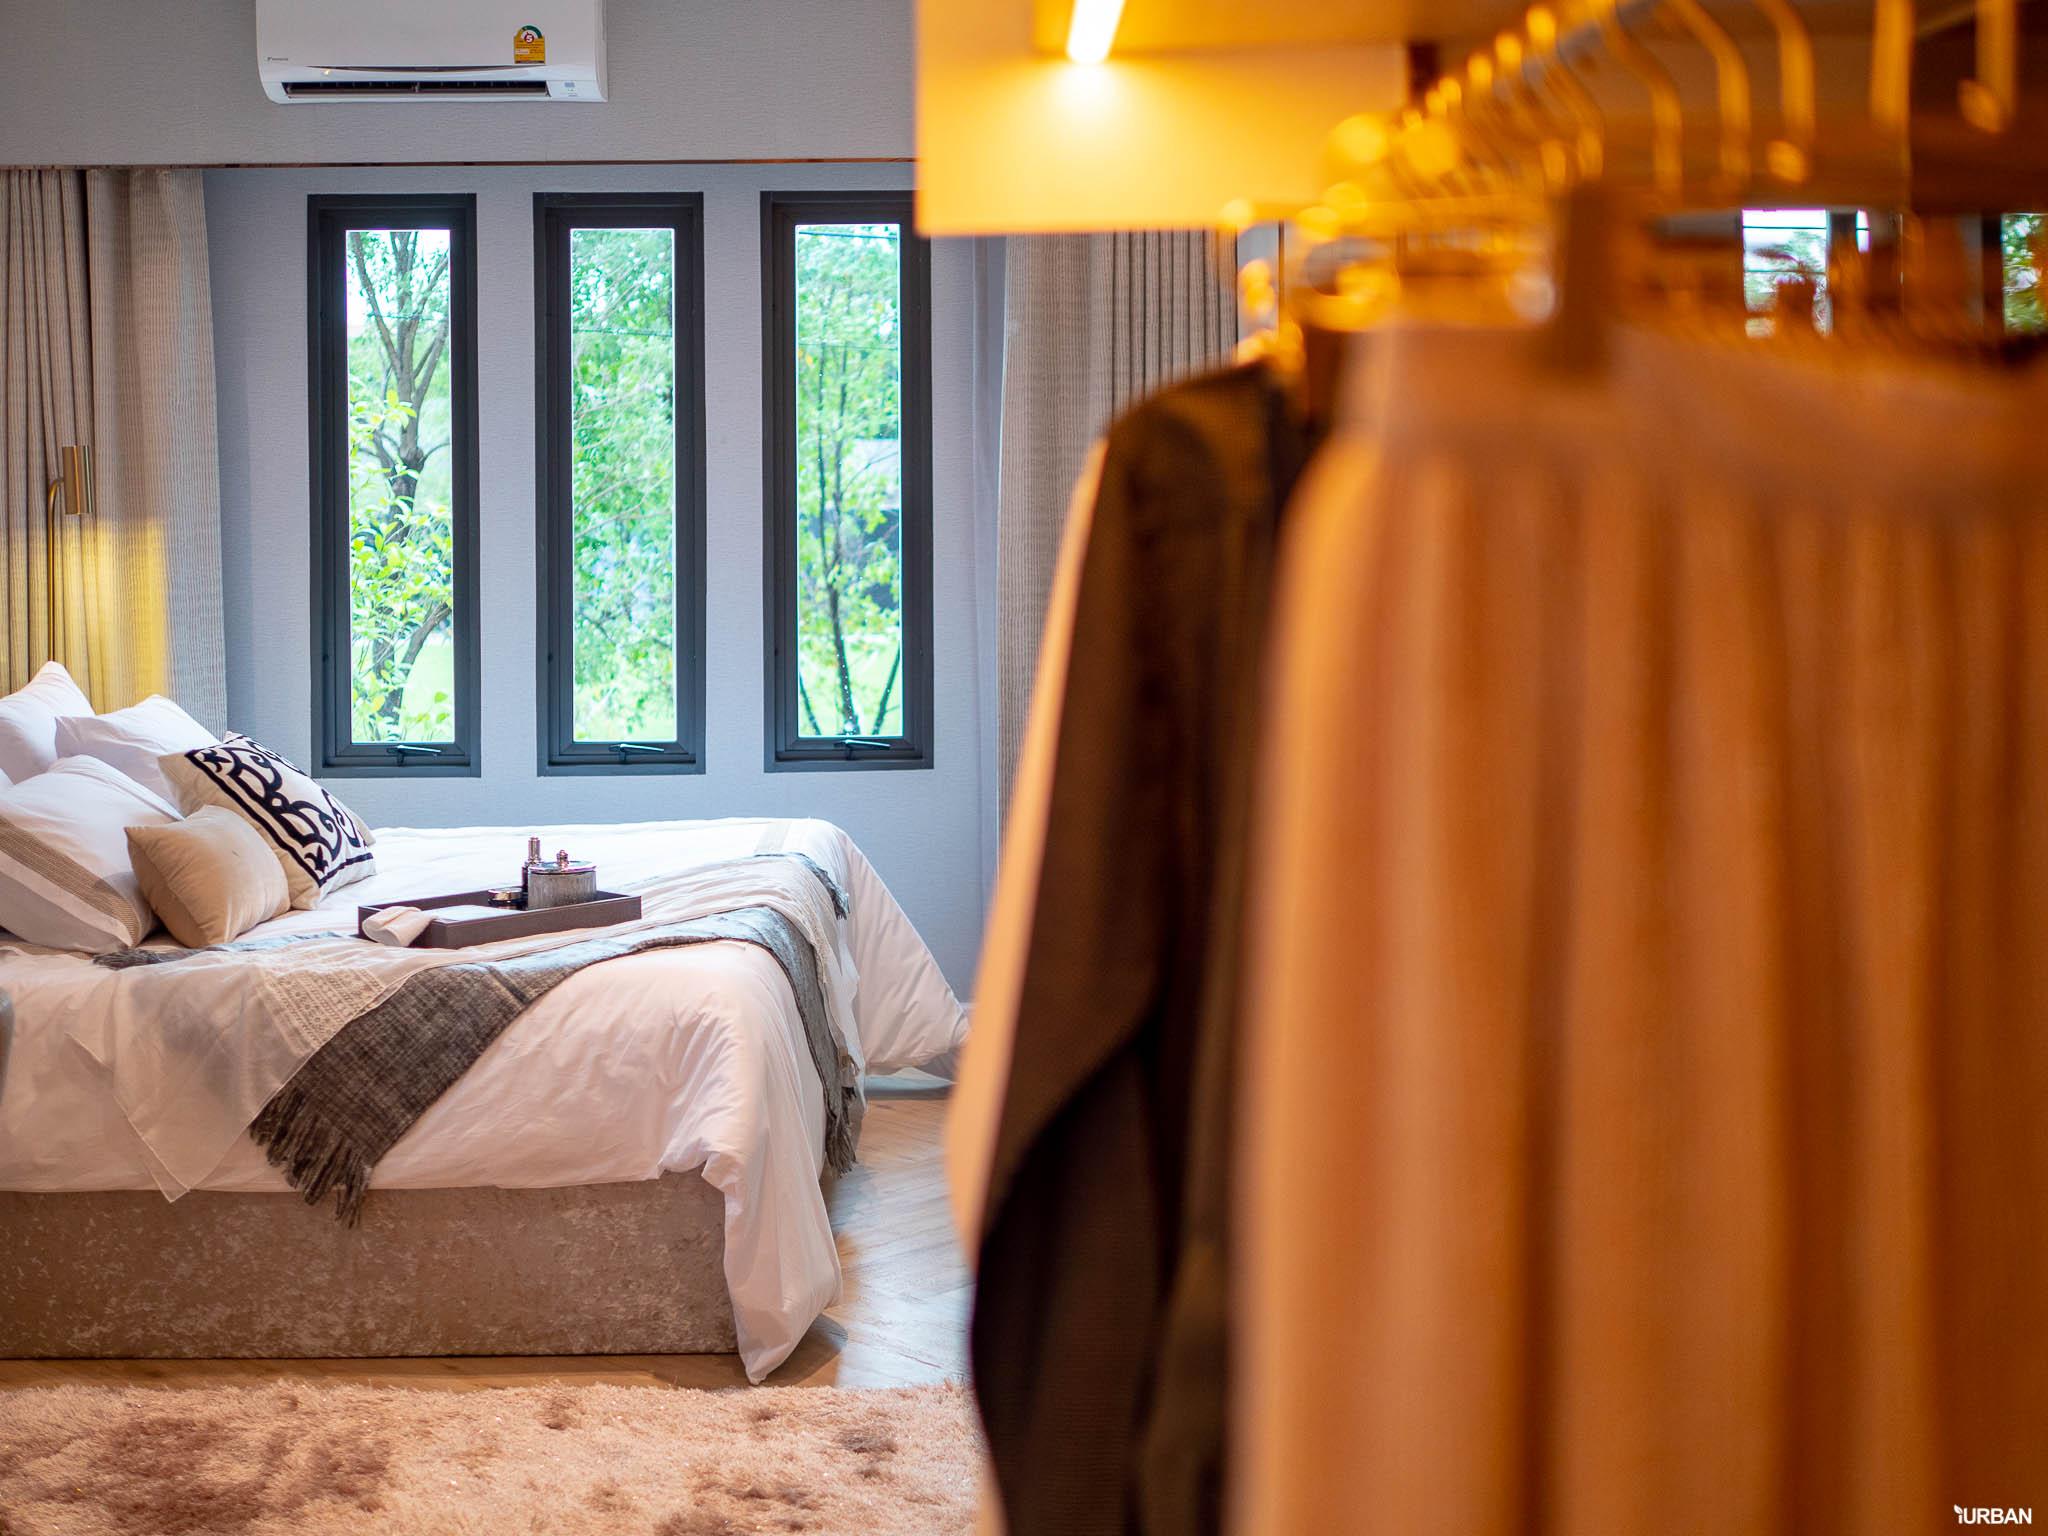 รีวิว URBANIO วิภาวดี-แจ้งวัฒนะ พรีเมียมทาวน์โฮม 3 ชั้นสุดสวย ใกล้สถานี Interchange เริ่ม 5.59 ล้าน จาก Ananda 71 - Premium